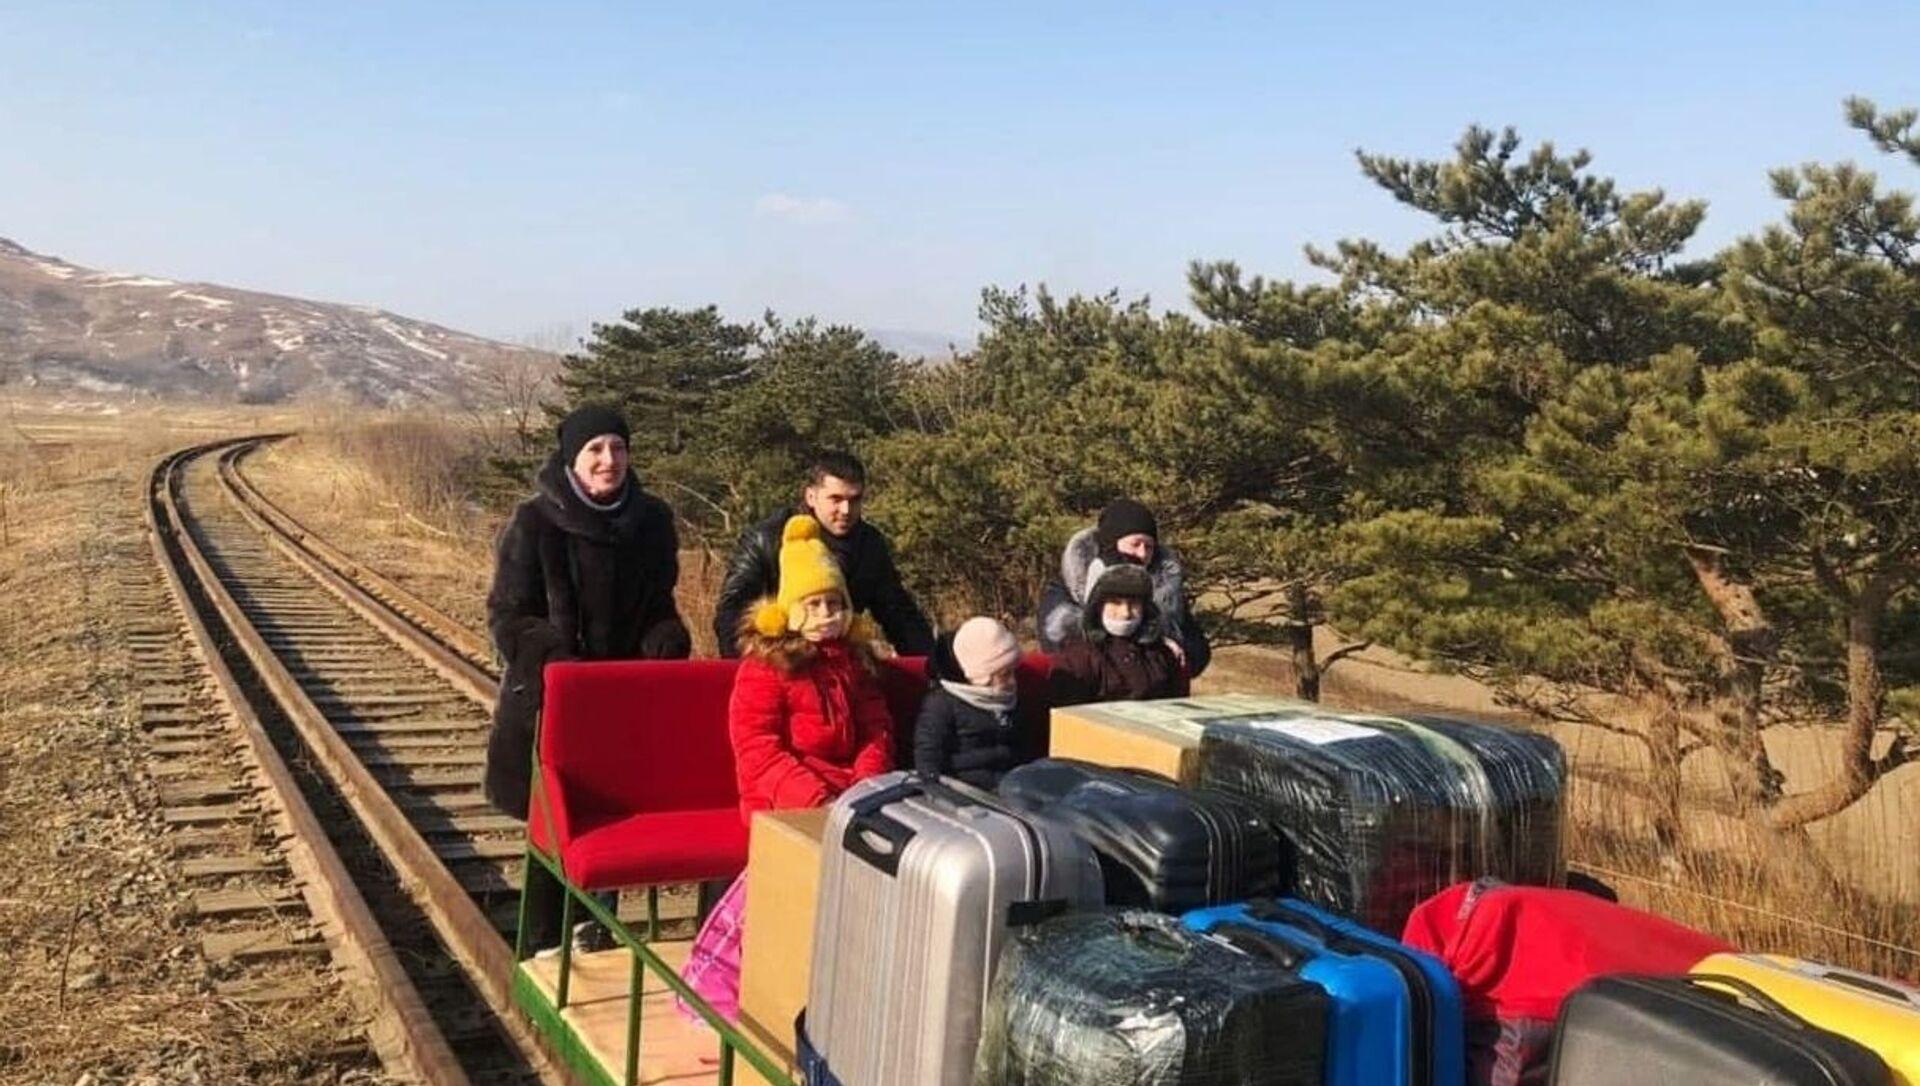 des diplomates russes quittent la Corée du Nord en poussant un chariot ferroviaire - Sputnik France, 1920, 26.02.2021